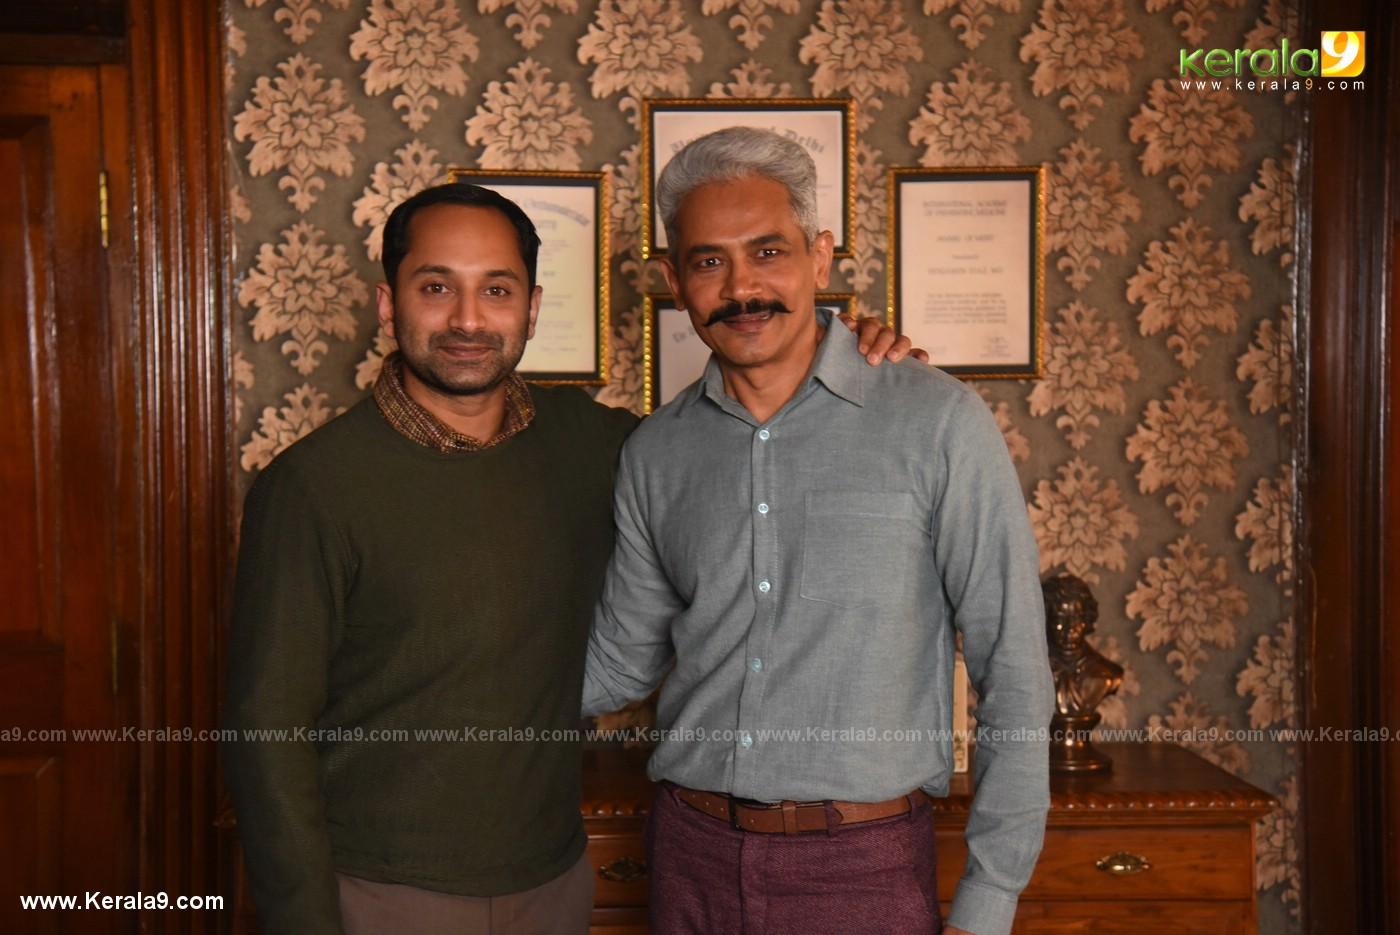 athiran malayalam movie photos 1 - Kerala9.com